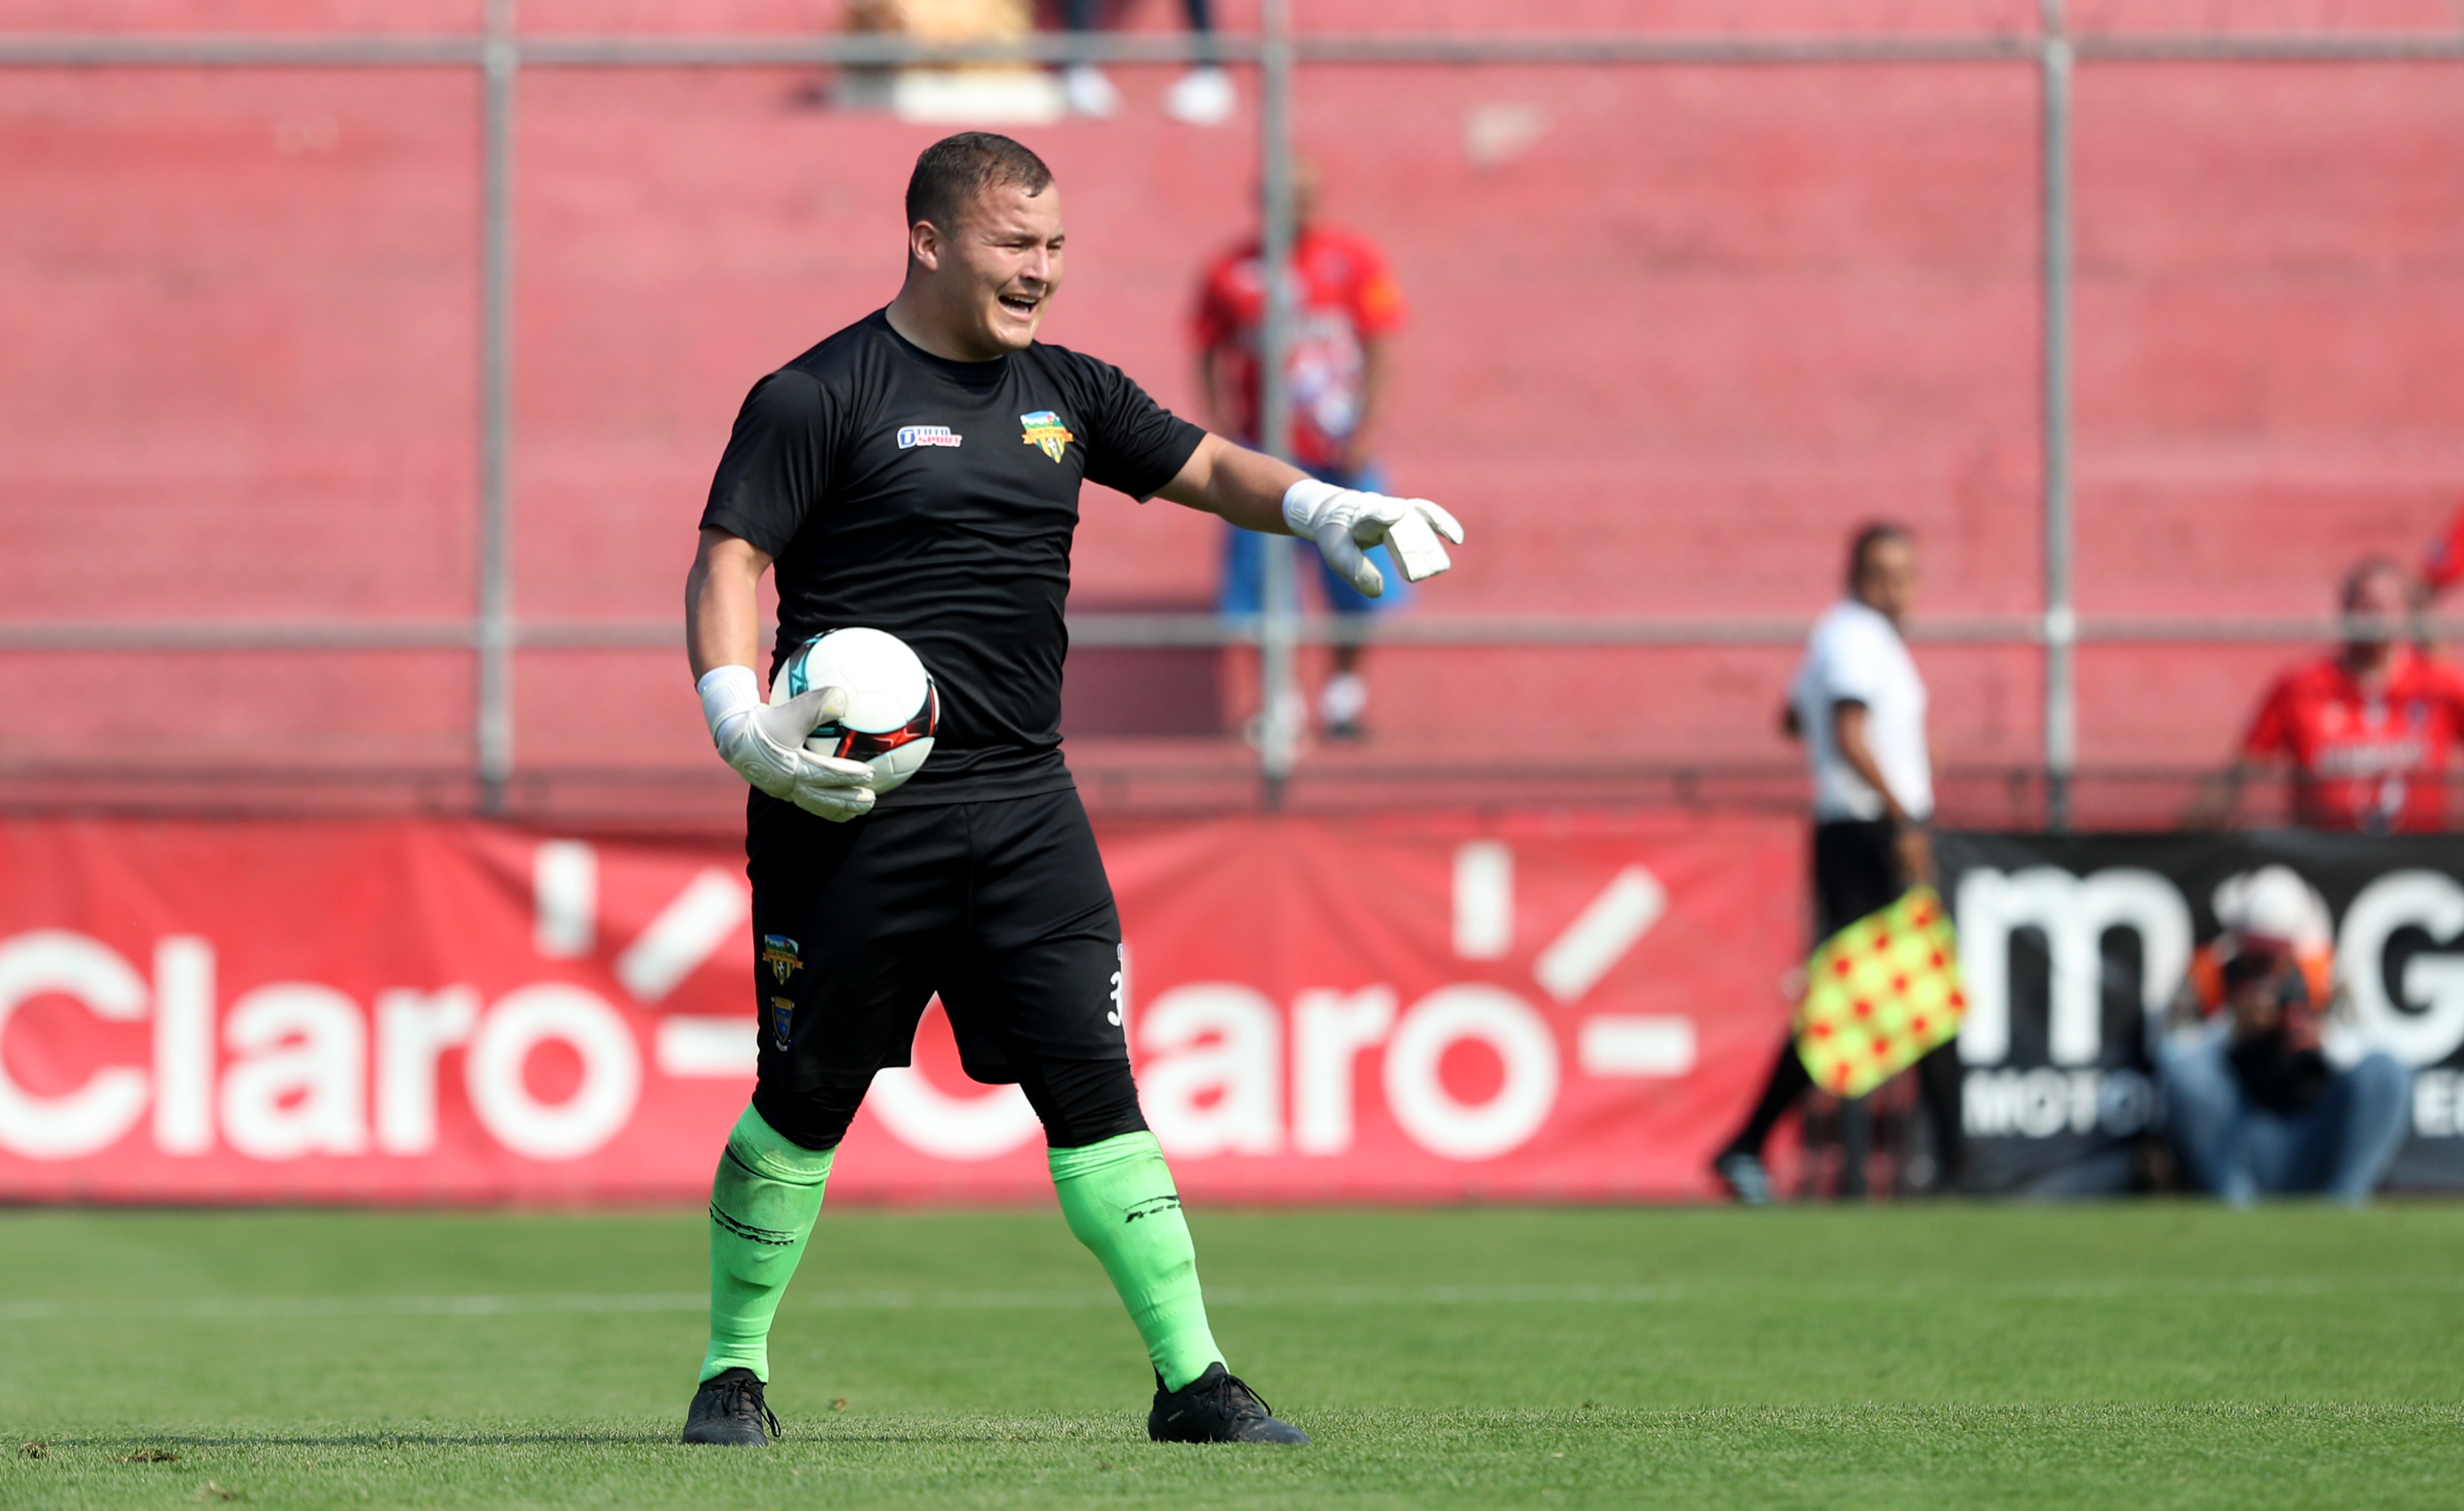 Carlos Ávila, guardameta de Petapa. (Foto Prensa Libre: Francisco Sánchez)